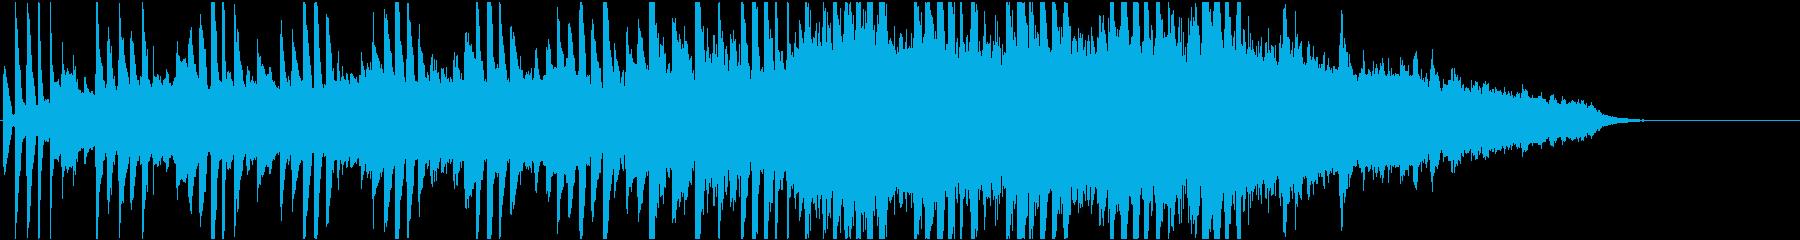 韓流1 16bit48kHzバージョンの再生済みの波形